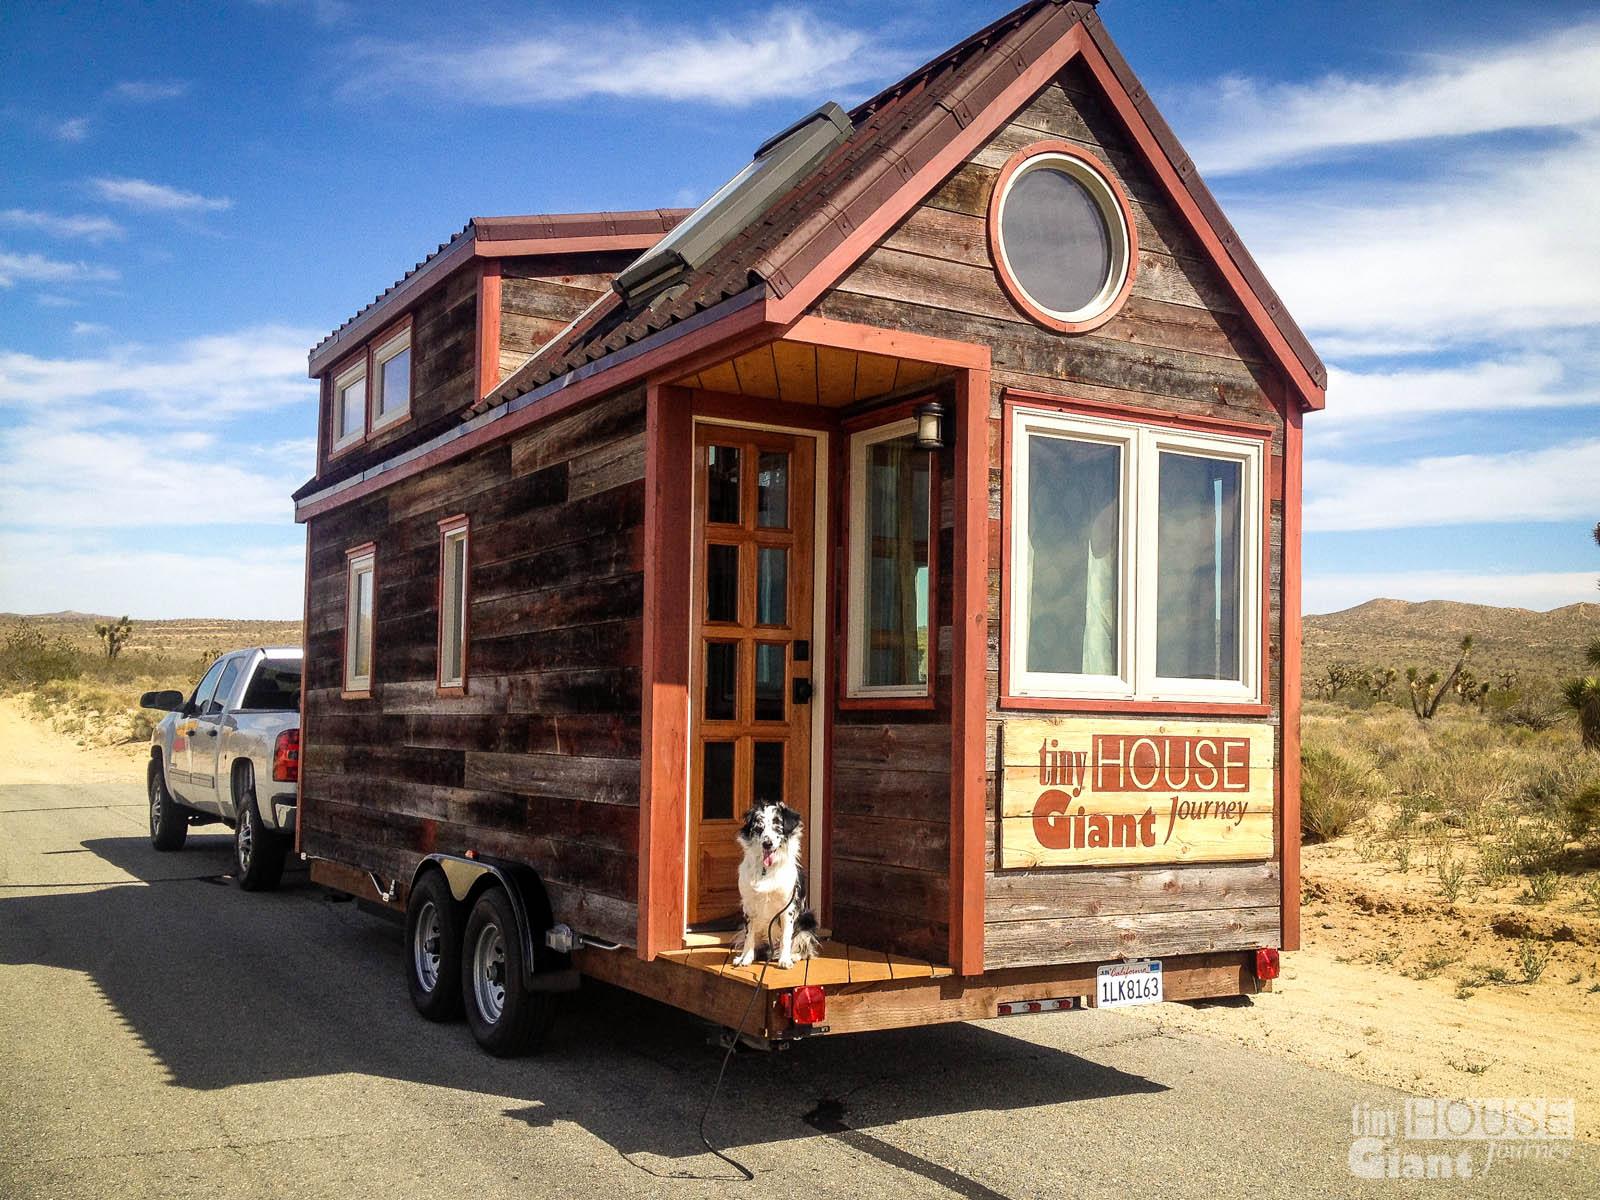 tiny house giant journey tiny house giant journey. Black Bedroom Furniture Sets. Home Design Ideas